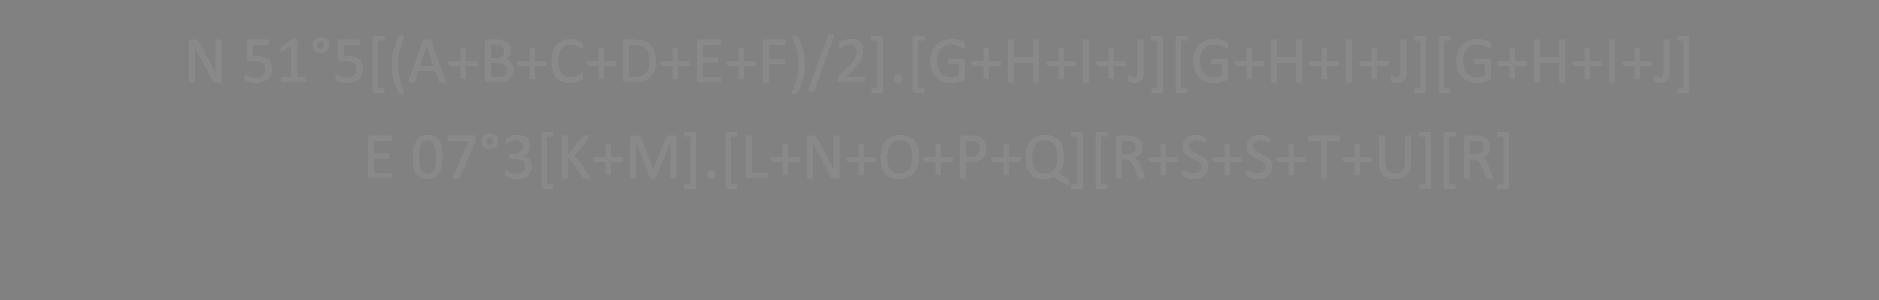 Final Berechnung